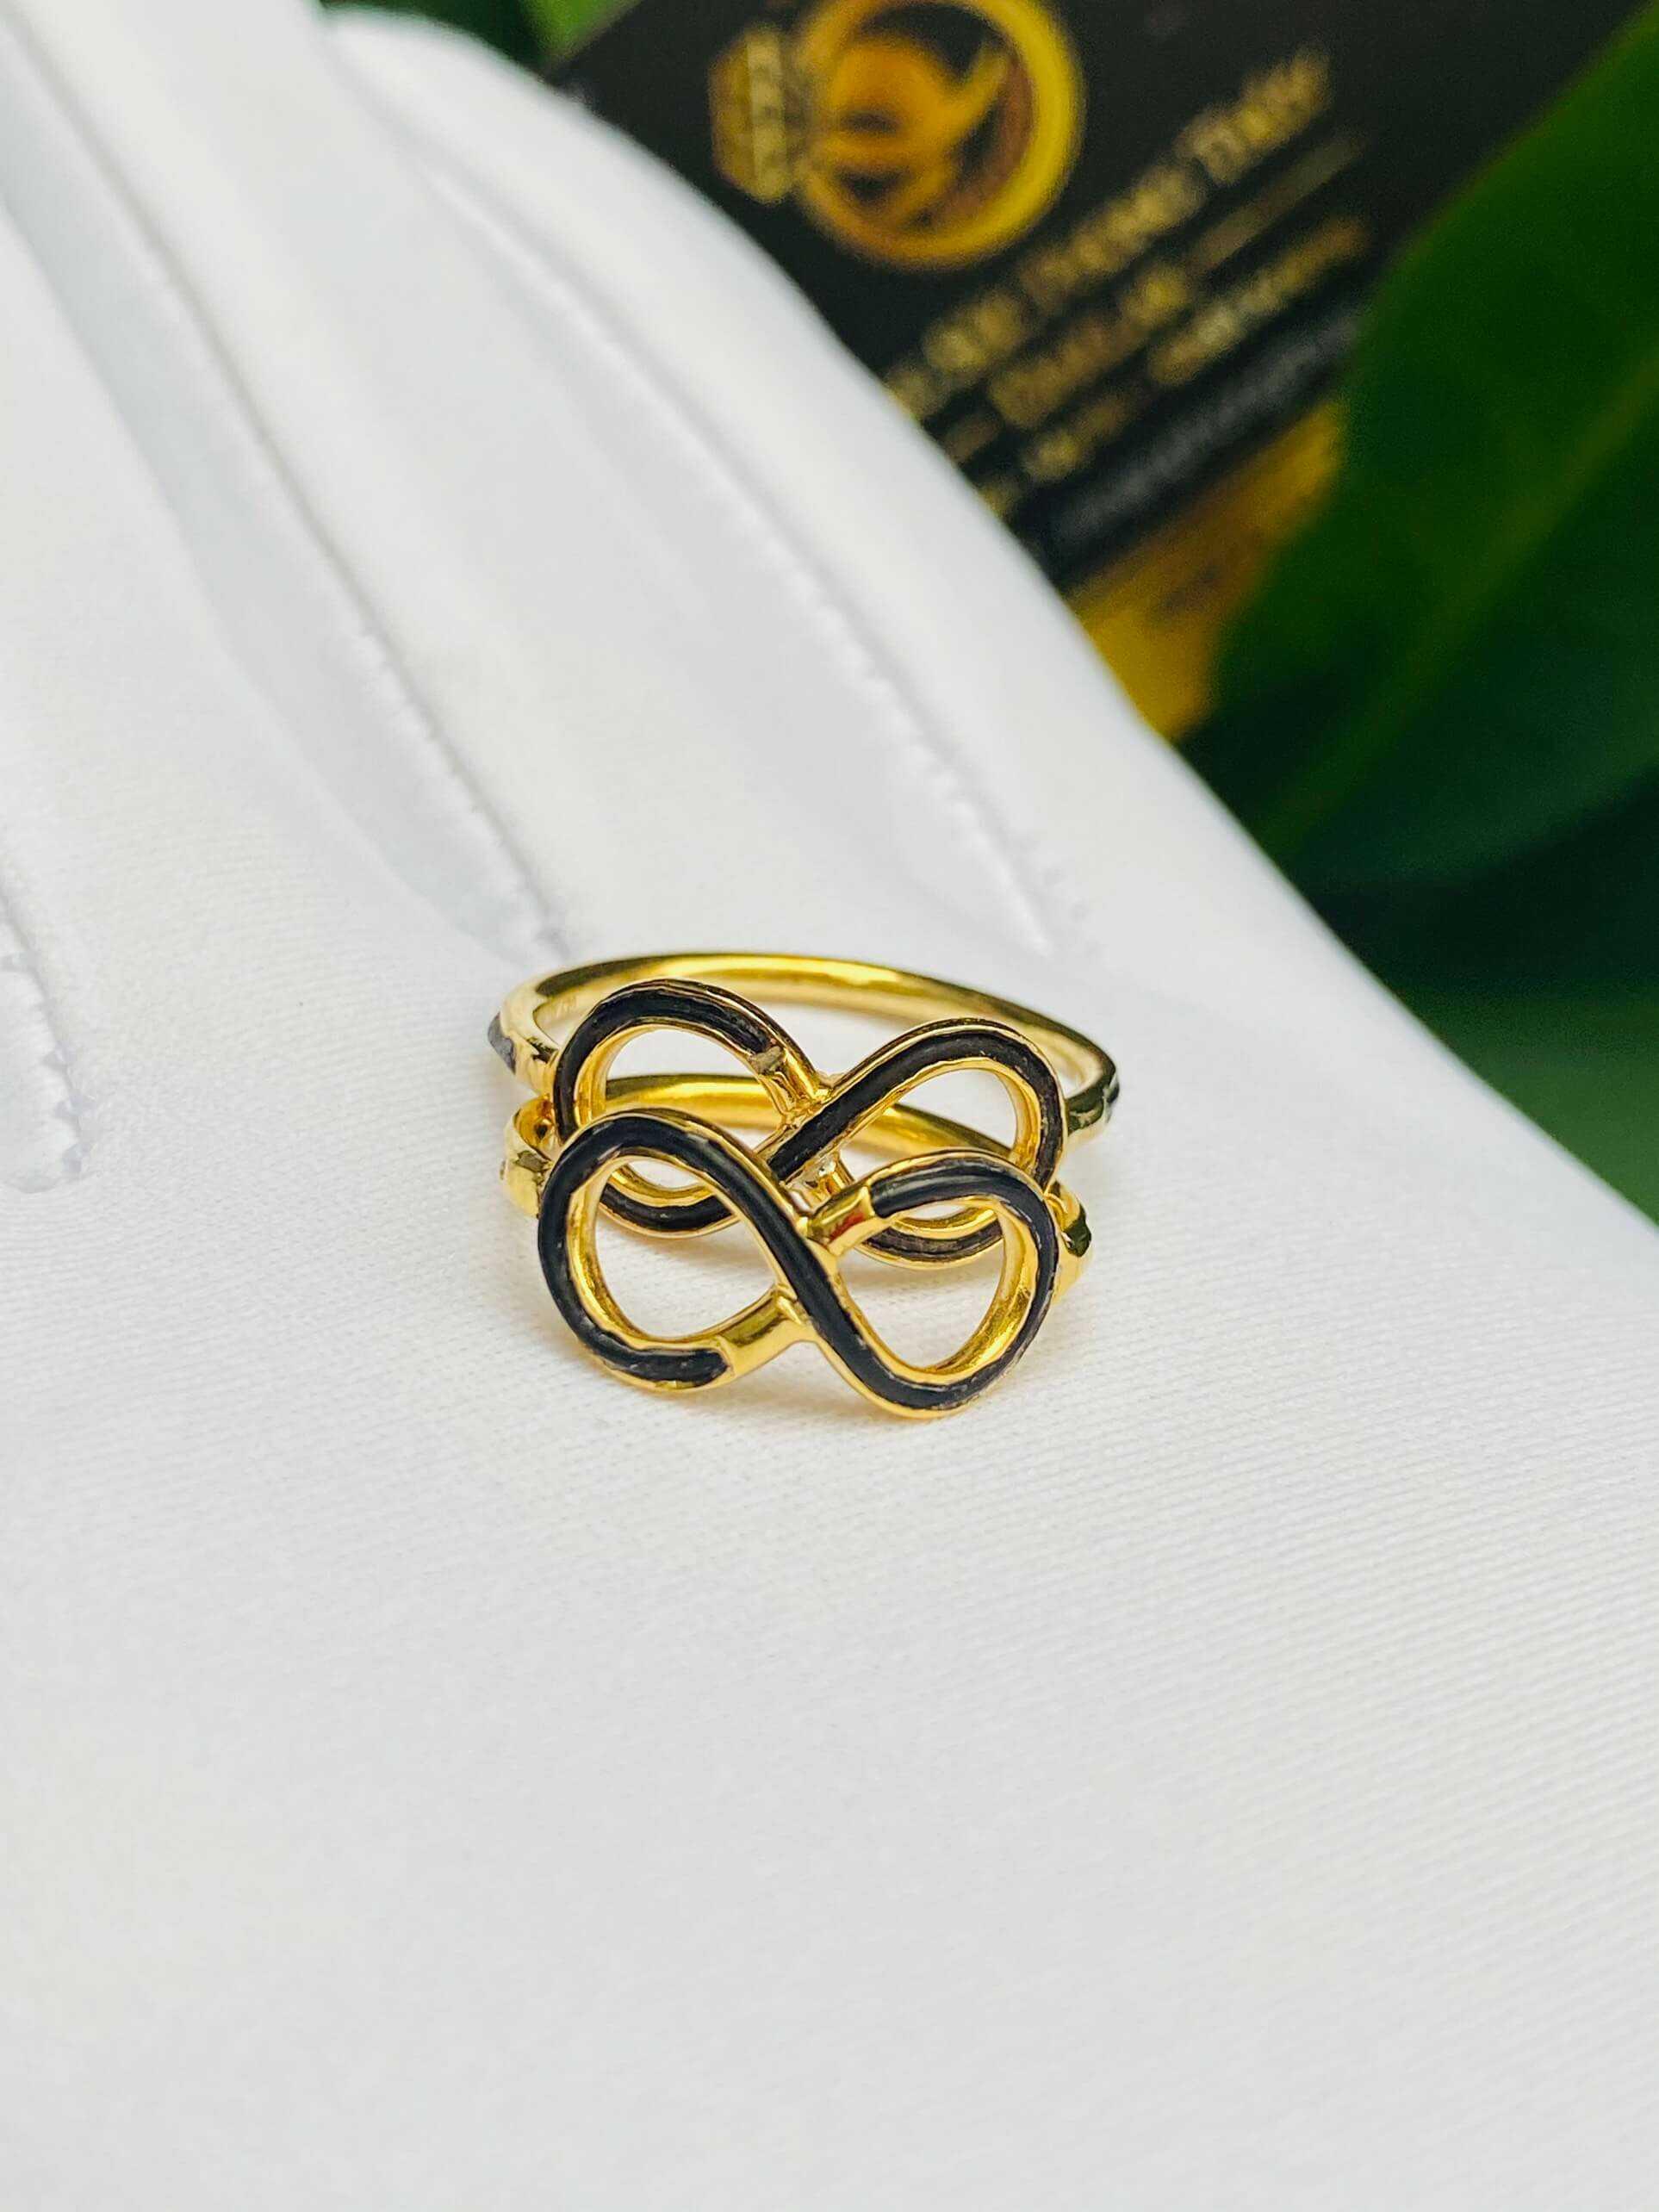 Cặp nhẫn vô cực vàng 18K cho nữ (lông FAKE) RIOGEMs mang ý nghĩa vĩnh cửu